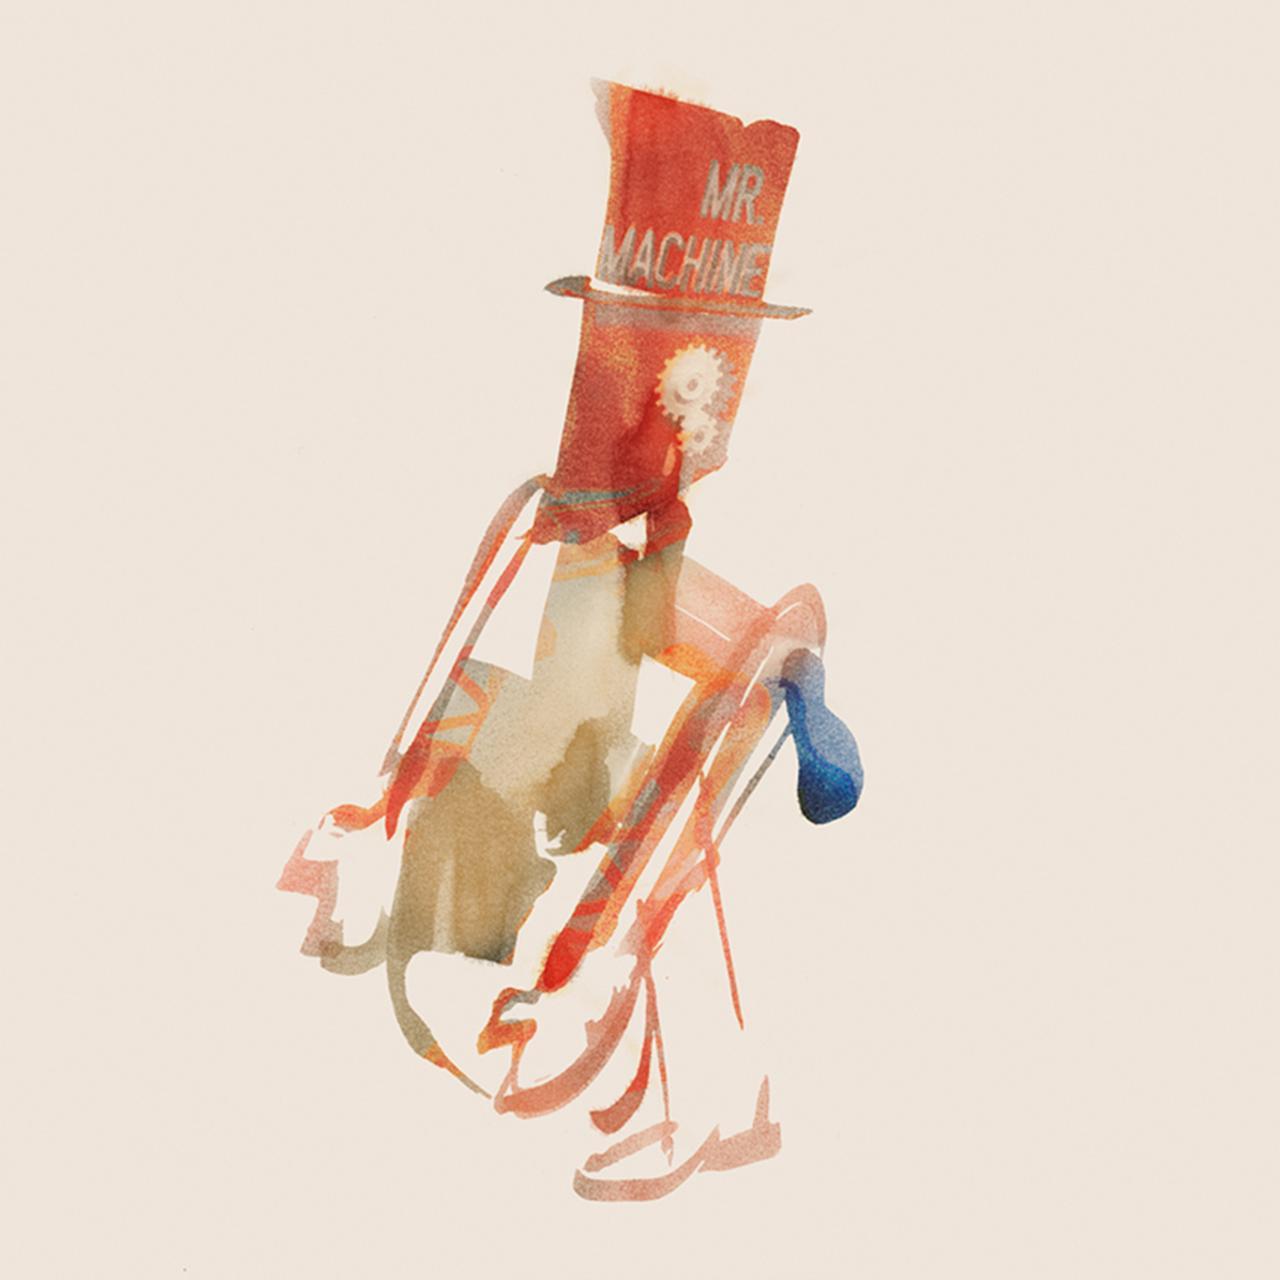 """Images : """"Mr. Machine""""ロボット。アイデアル・トイ・カンパニー社製造/1960年代"""